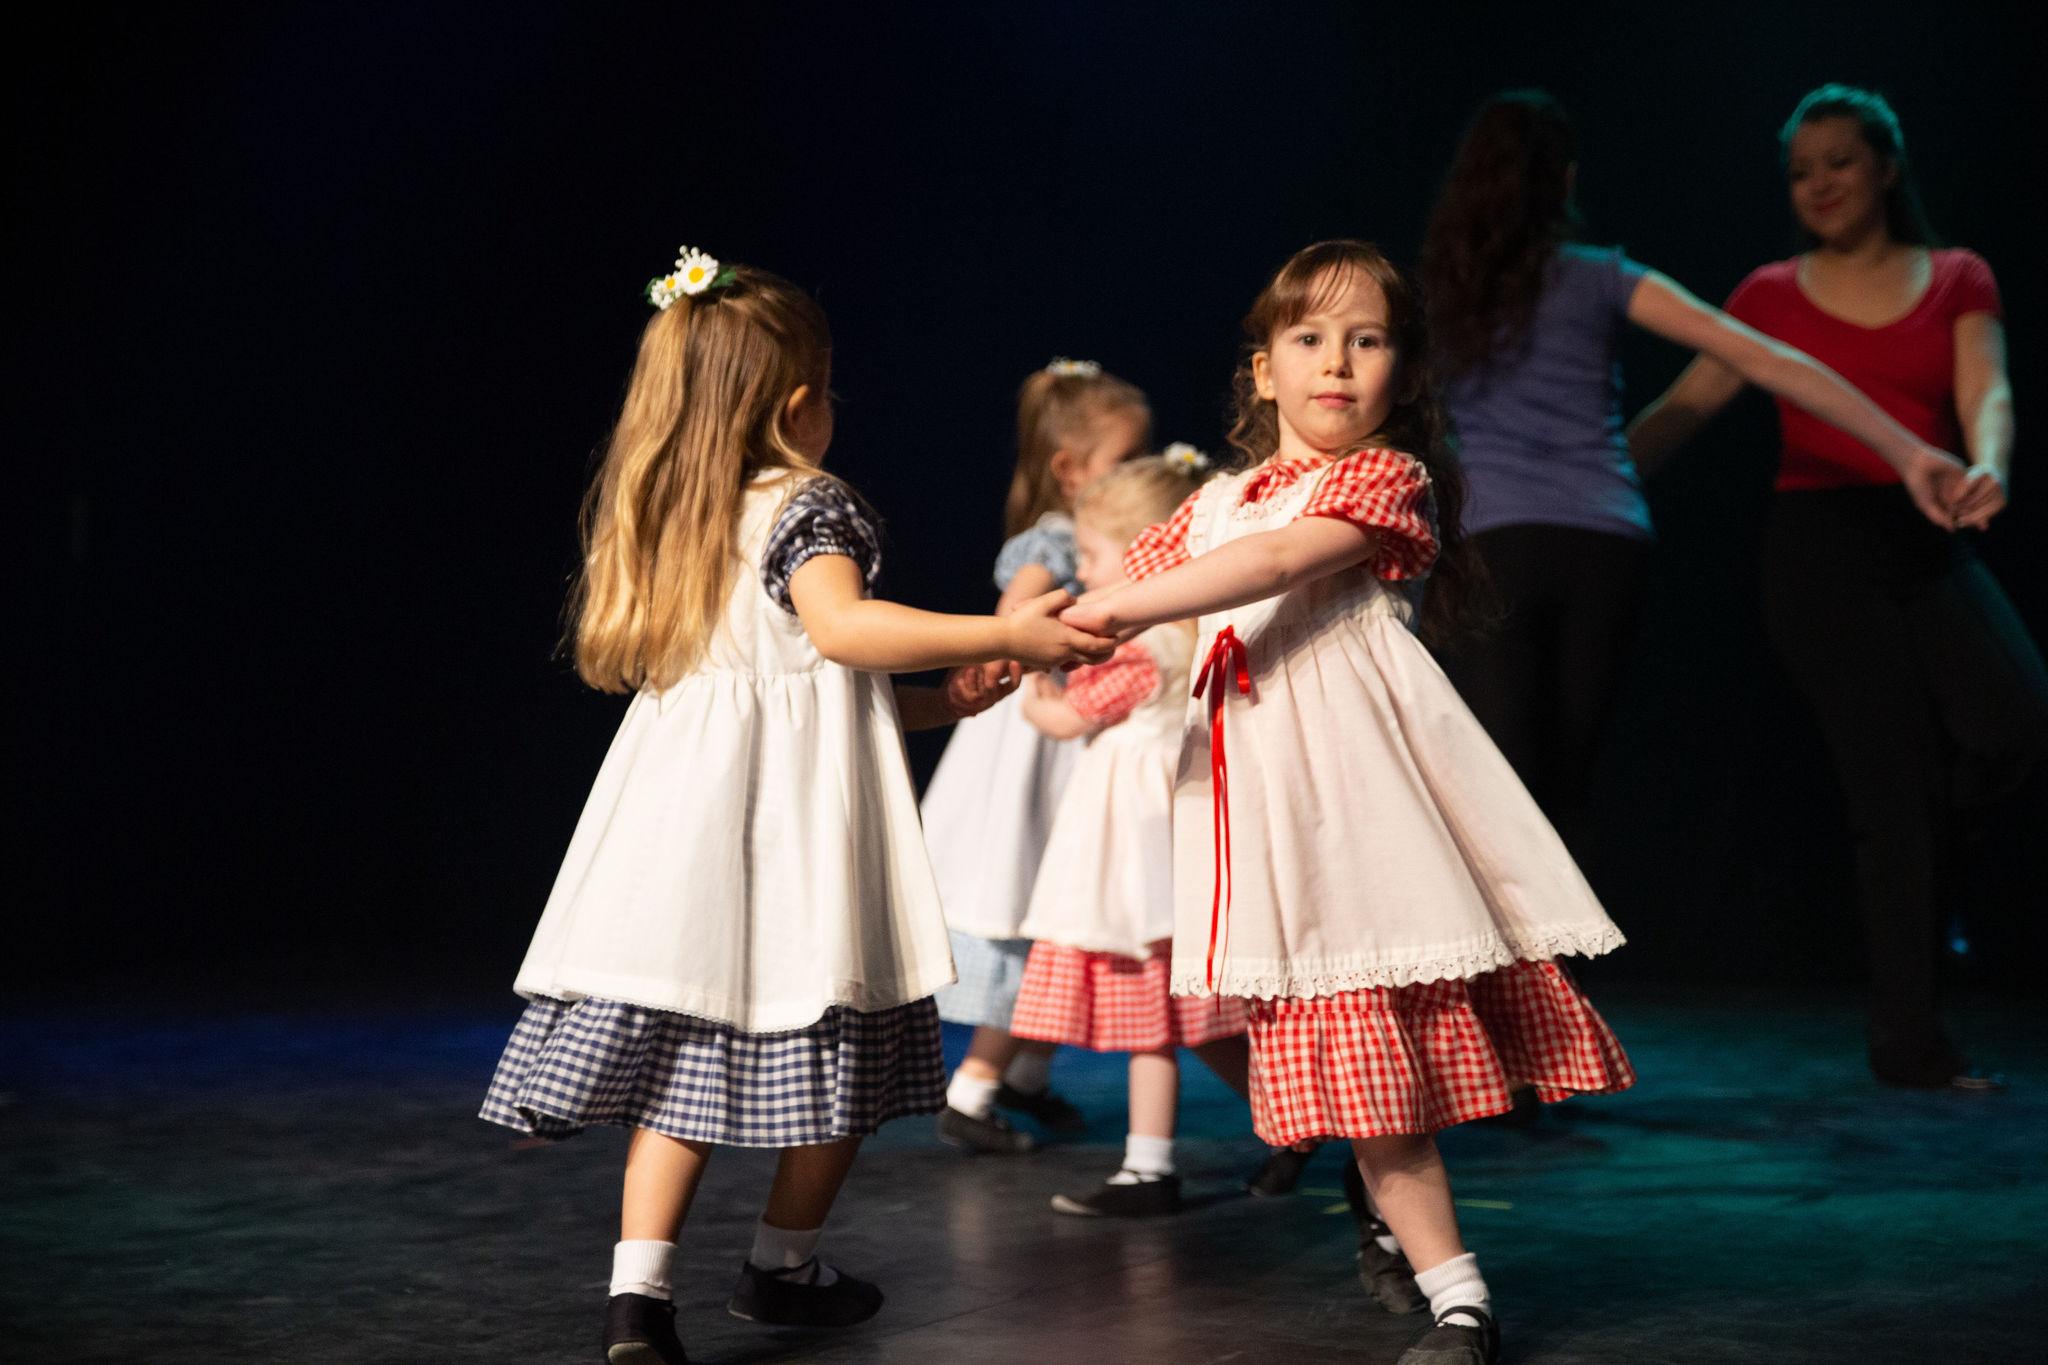 Manigance école de danse groupe Éveil